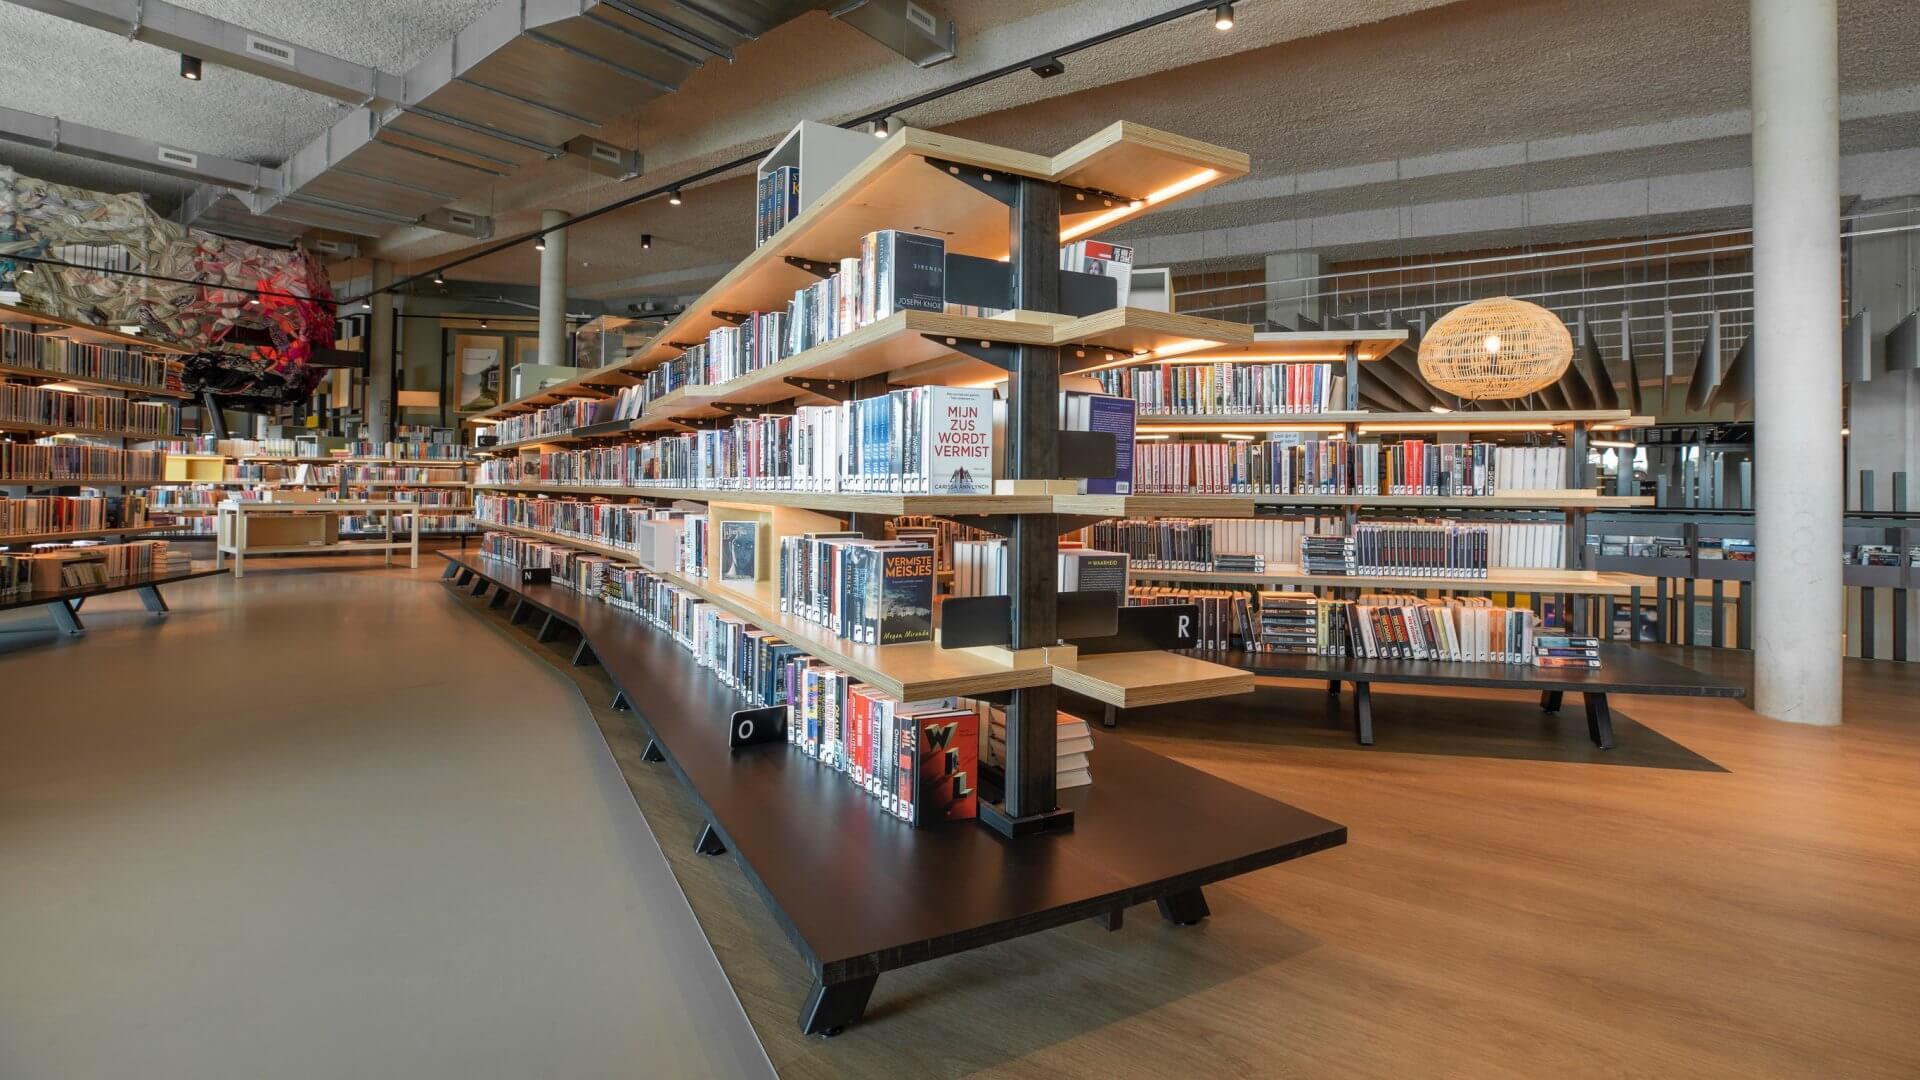 11. Alphen BibliotheekJPG